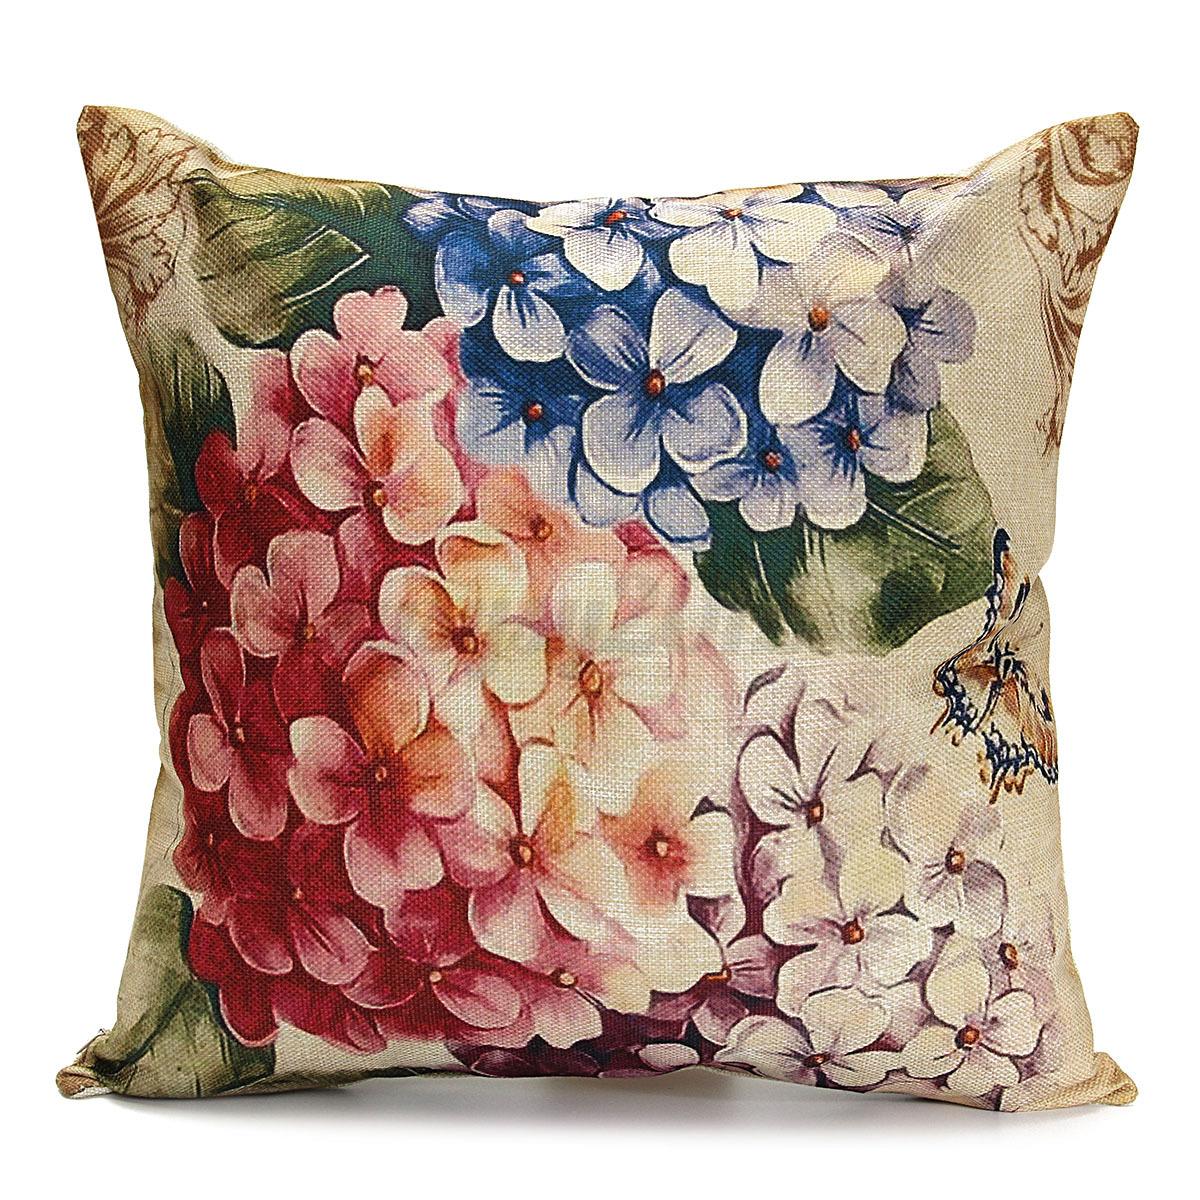 Vintage Flower/Vase Pillow Case Decorative Cotton Linen Cushion Cover Home Decor eBay